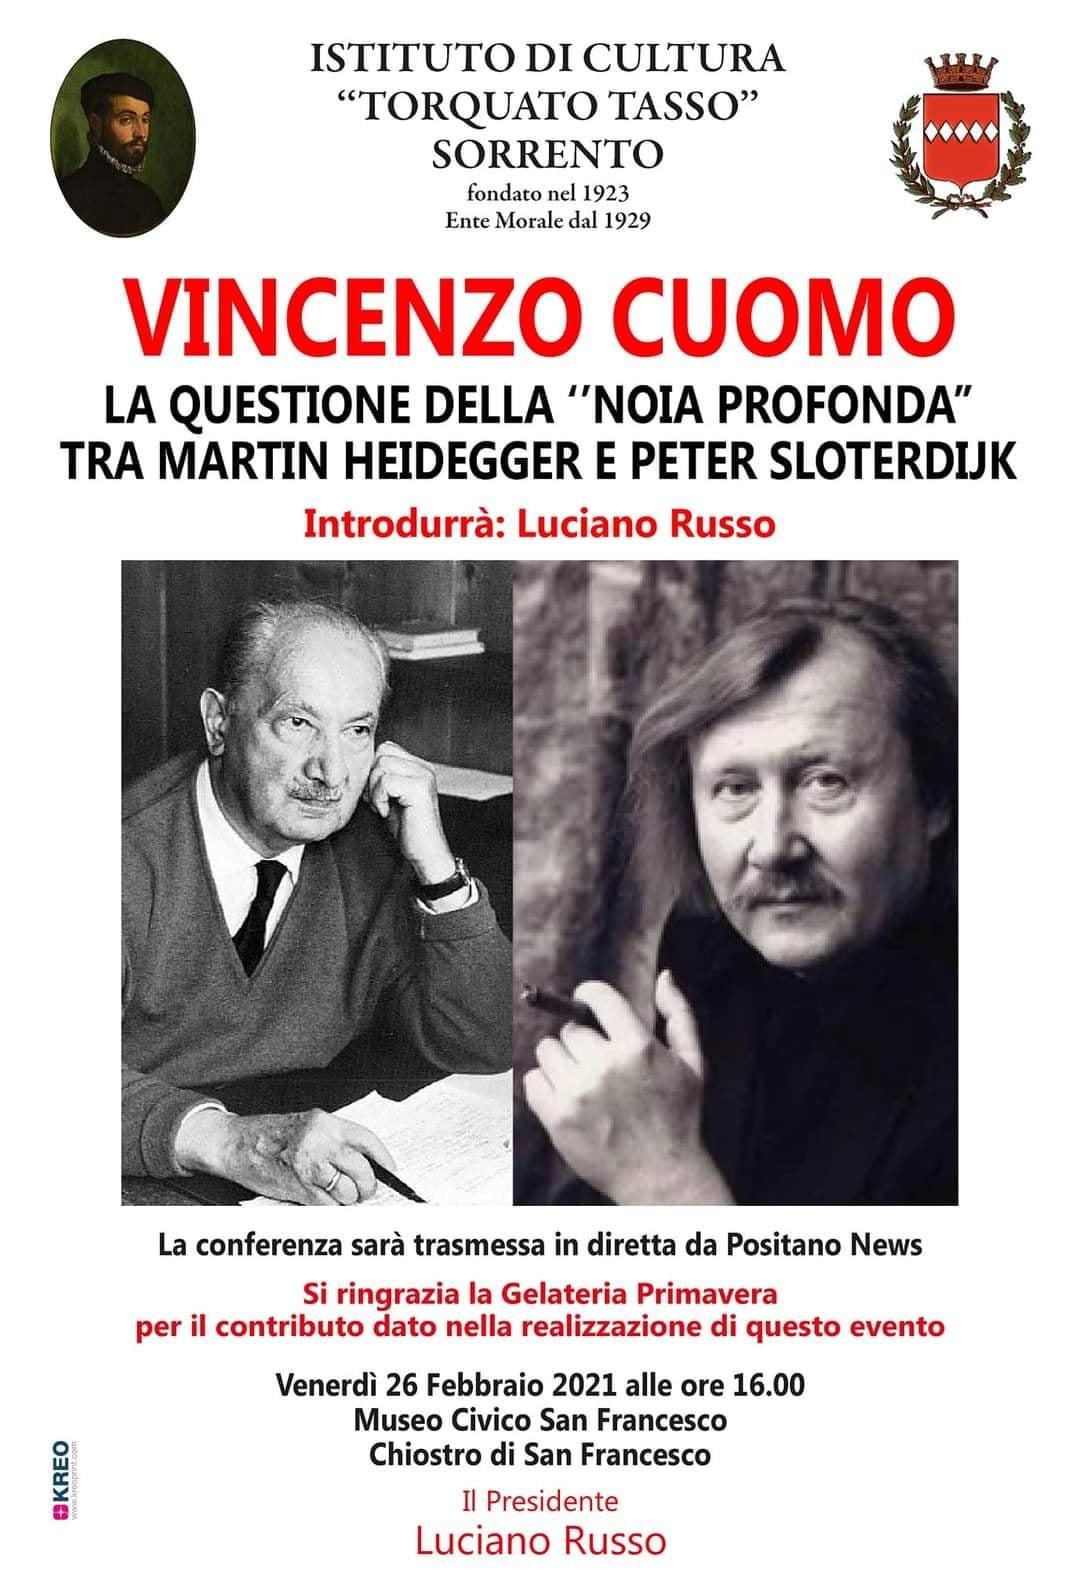 """May be an image of 3 people and text that says 'WU ISTITUTO DI CULTURA """"TORQUATO TASSO"""" SORRENTO fondato nel 1923 Ente Morale dal 1929 VINCENZO CUOMO LA QUESTIONE DELLA """"ΝΟΙΑ PROFONDA"""" TRA MARTIN HEIDEGGER E PETER SLOTERDIJK Introdurrà: Luciano Russo La conferenza sarà trasmessa in diretta da Positano News Si ringrazia la Gelateria Primavera per il contributo dato nella realizzazione di questo evento Venerdì 26 Febbraio 2021 alle ore 16.00 Museo Civico San Francesco Chiostro di San Francesco Presidente Luciano Russo'"""